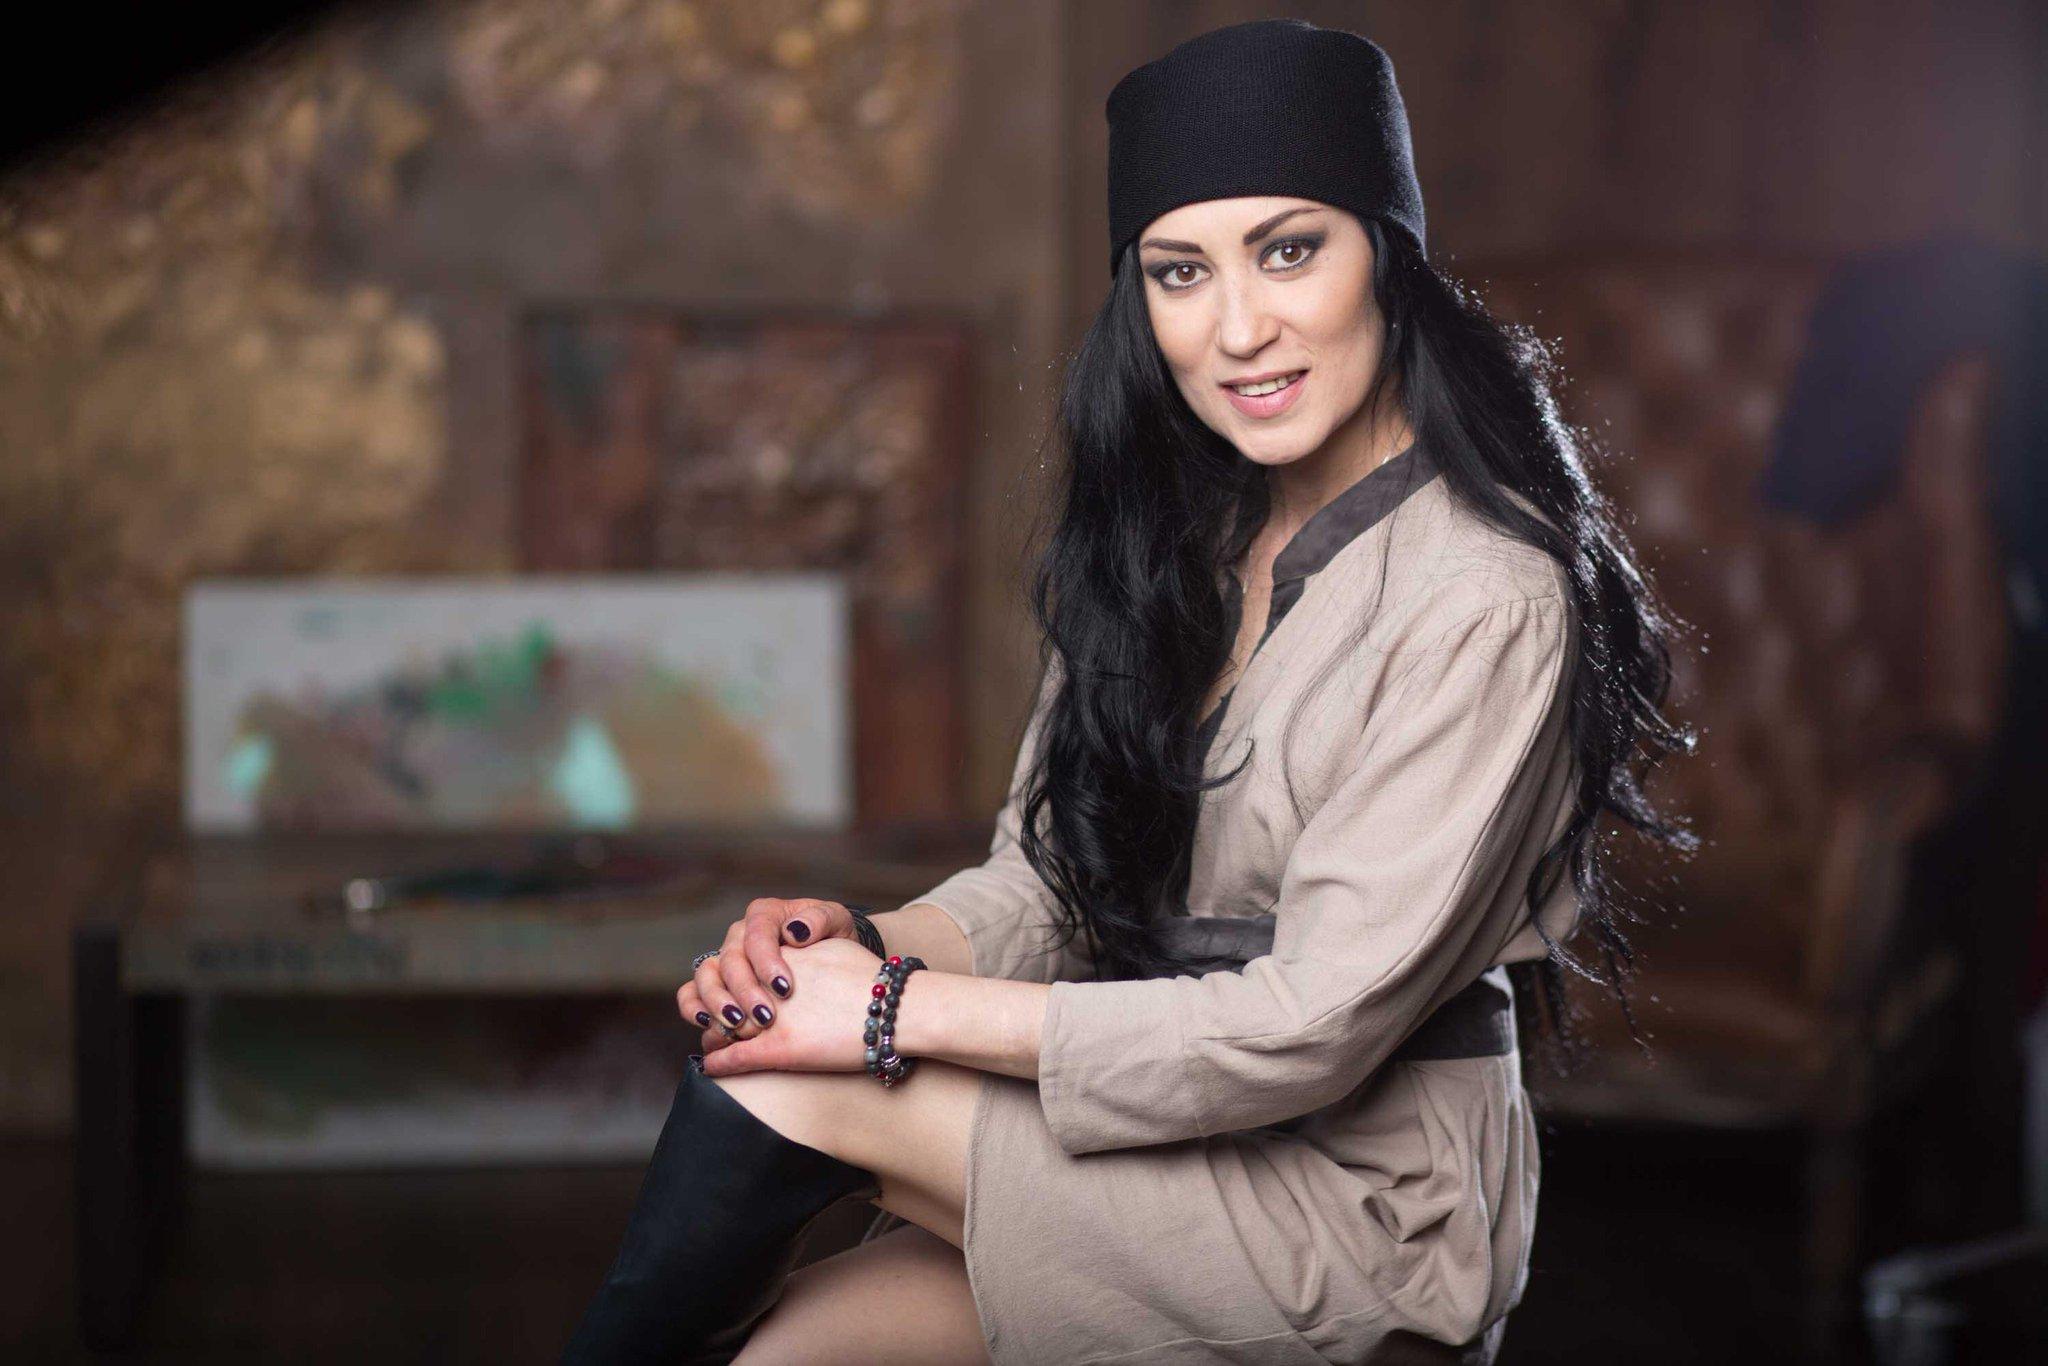 Дария воскобоева - биография, информация, личная жизнь, фото, видео